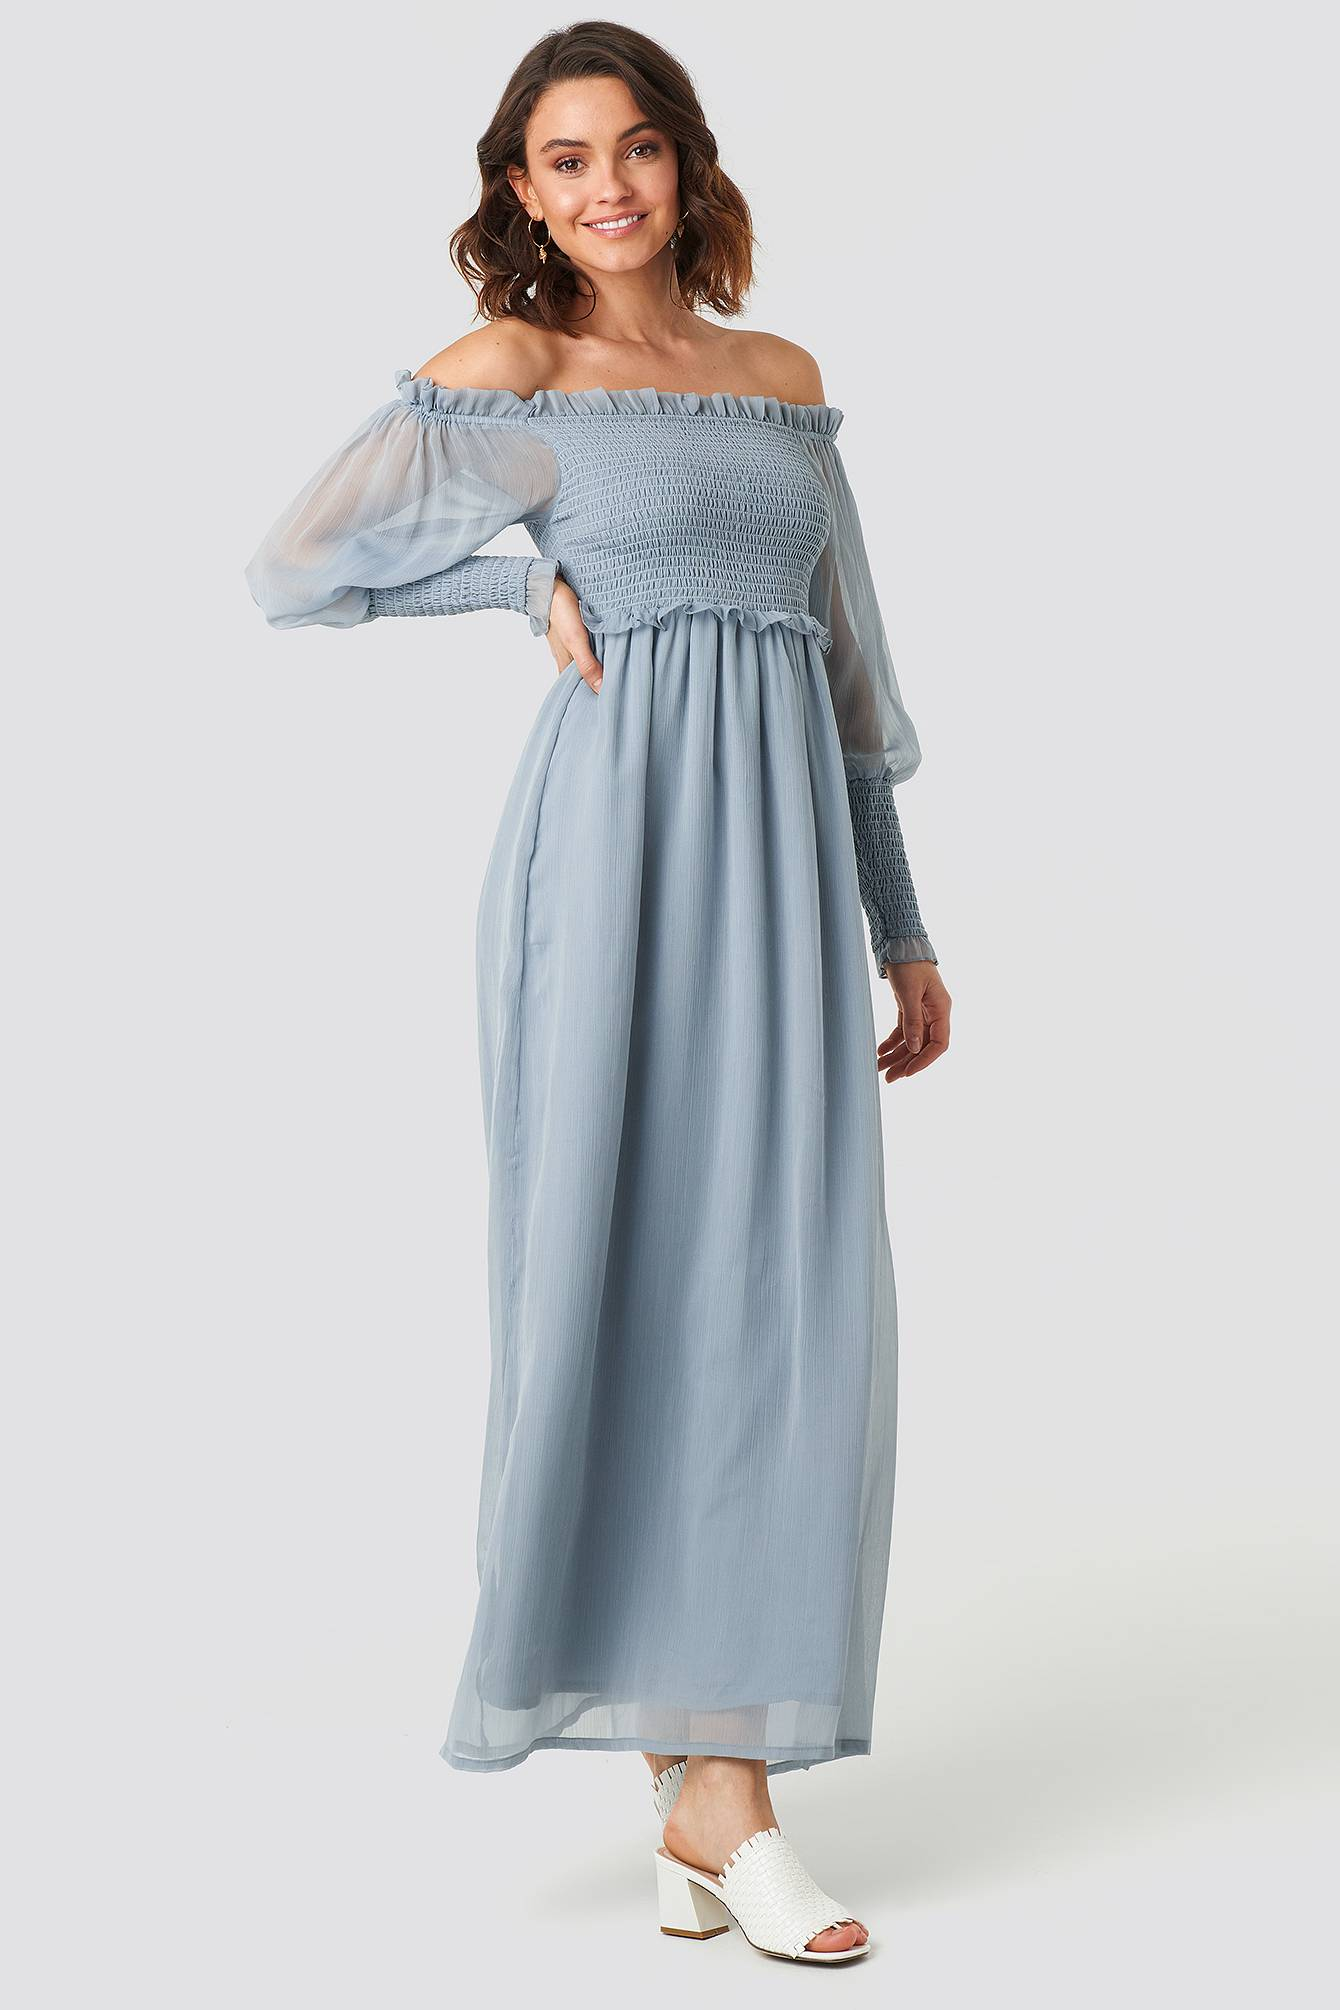 Image of NA-KD Trend Off Shoulder Smock Chiffon Dress - Blue